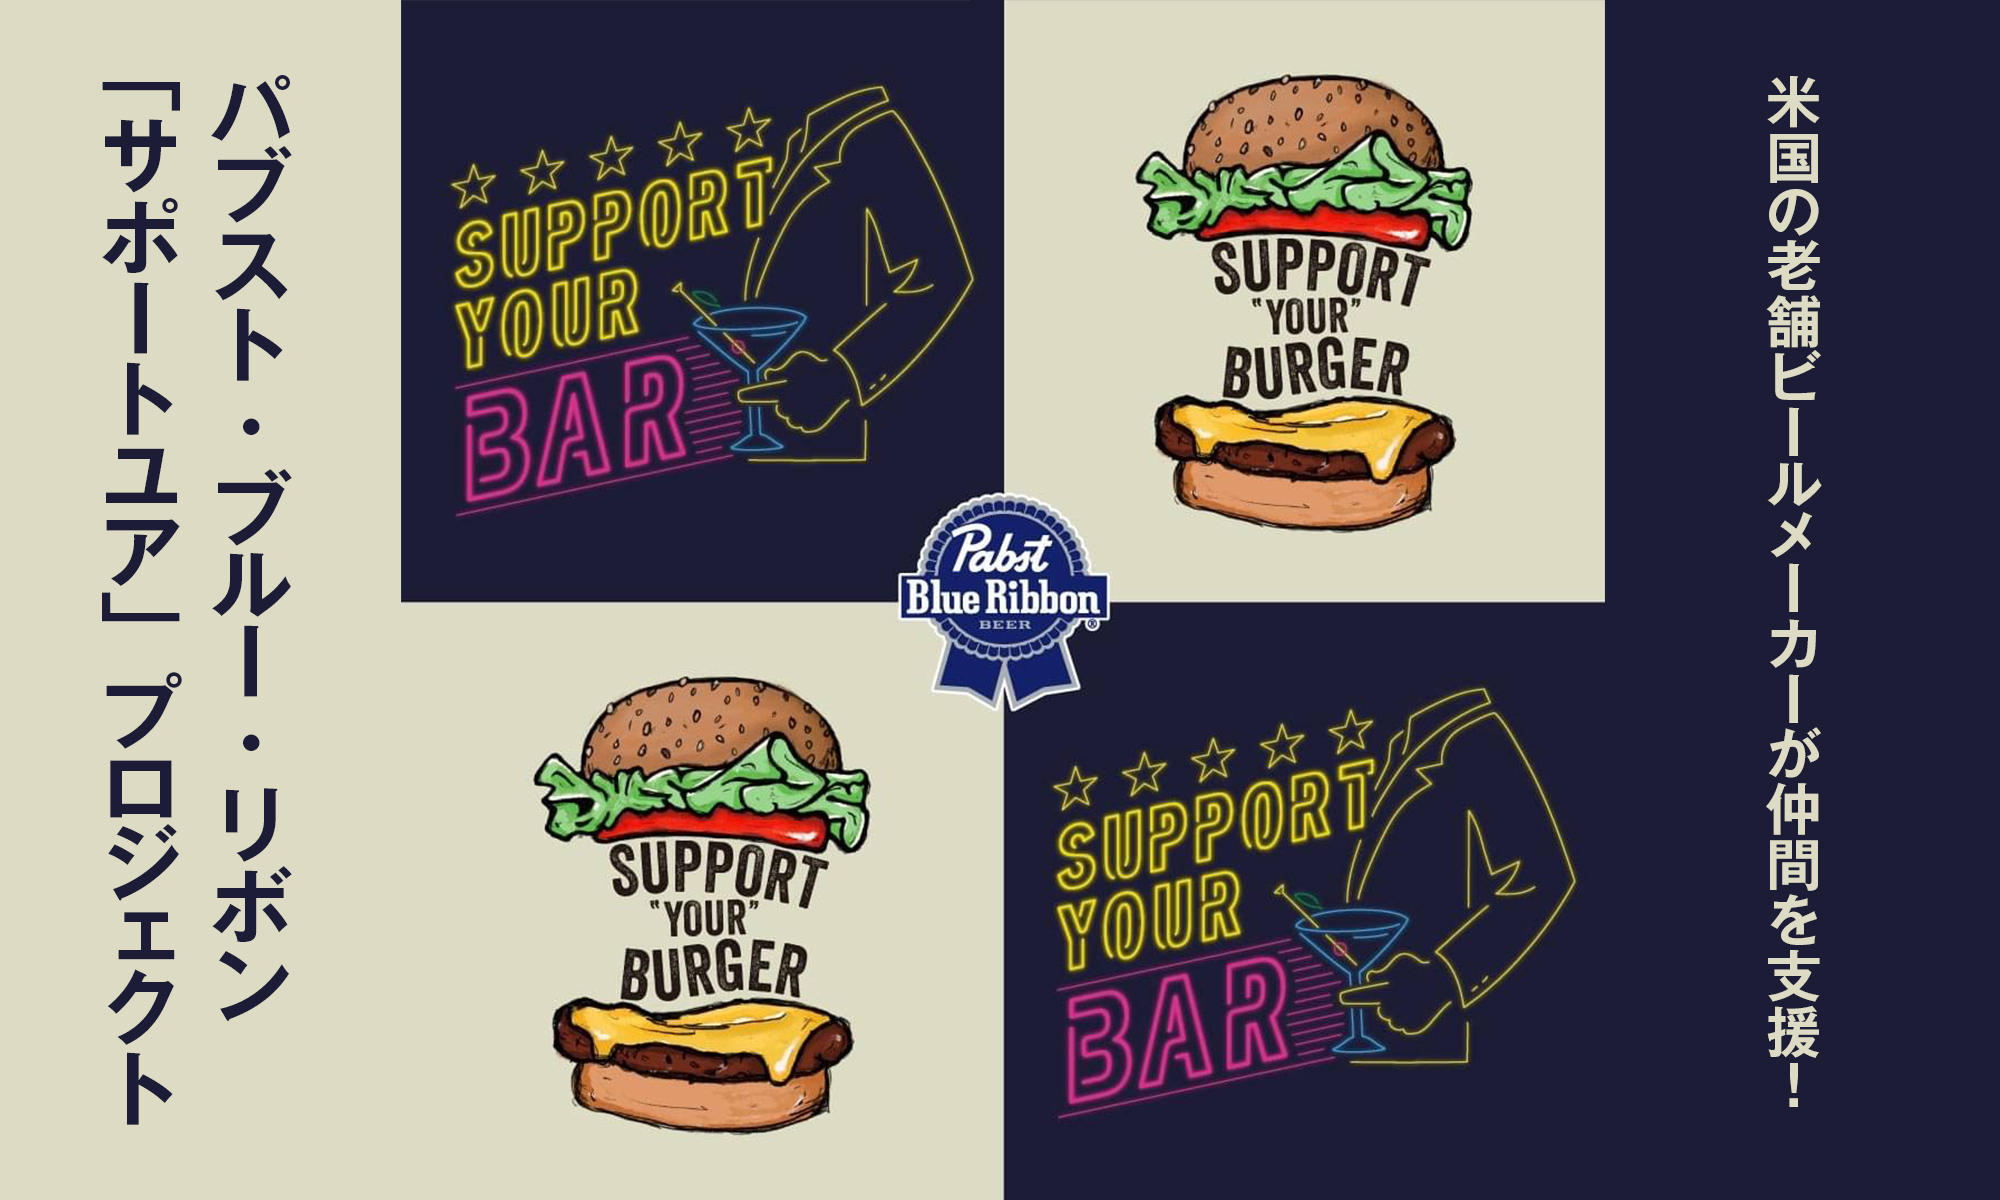 米国の老舗ビールメーカーが仲間を支援! -Pabst Blue Ribbon [SUPPORT YOUR]-